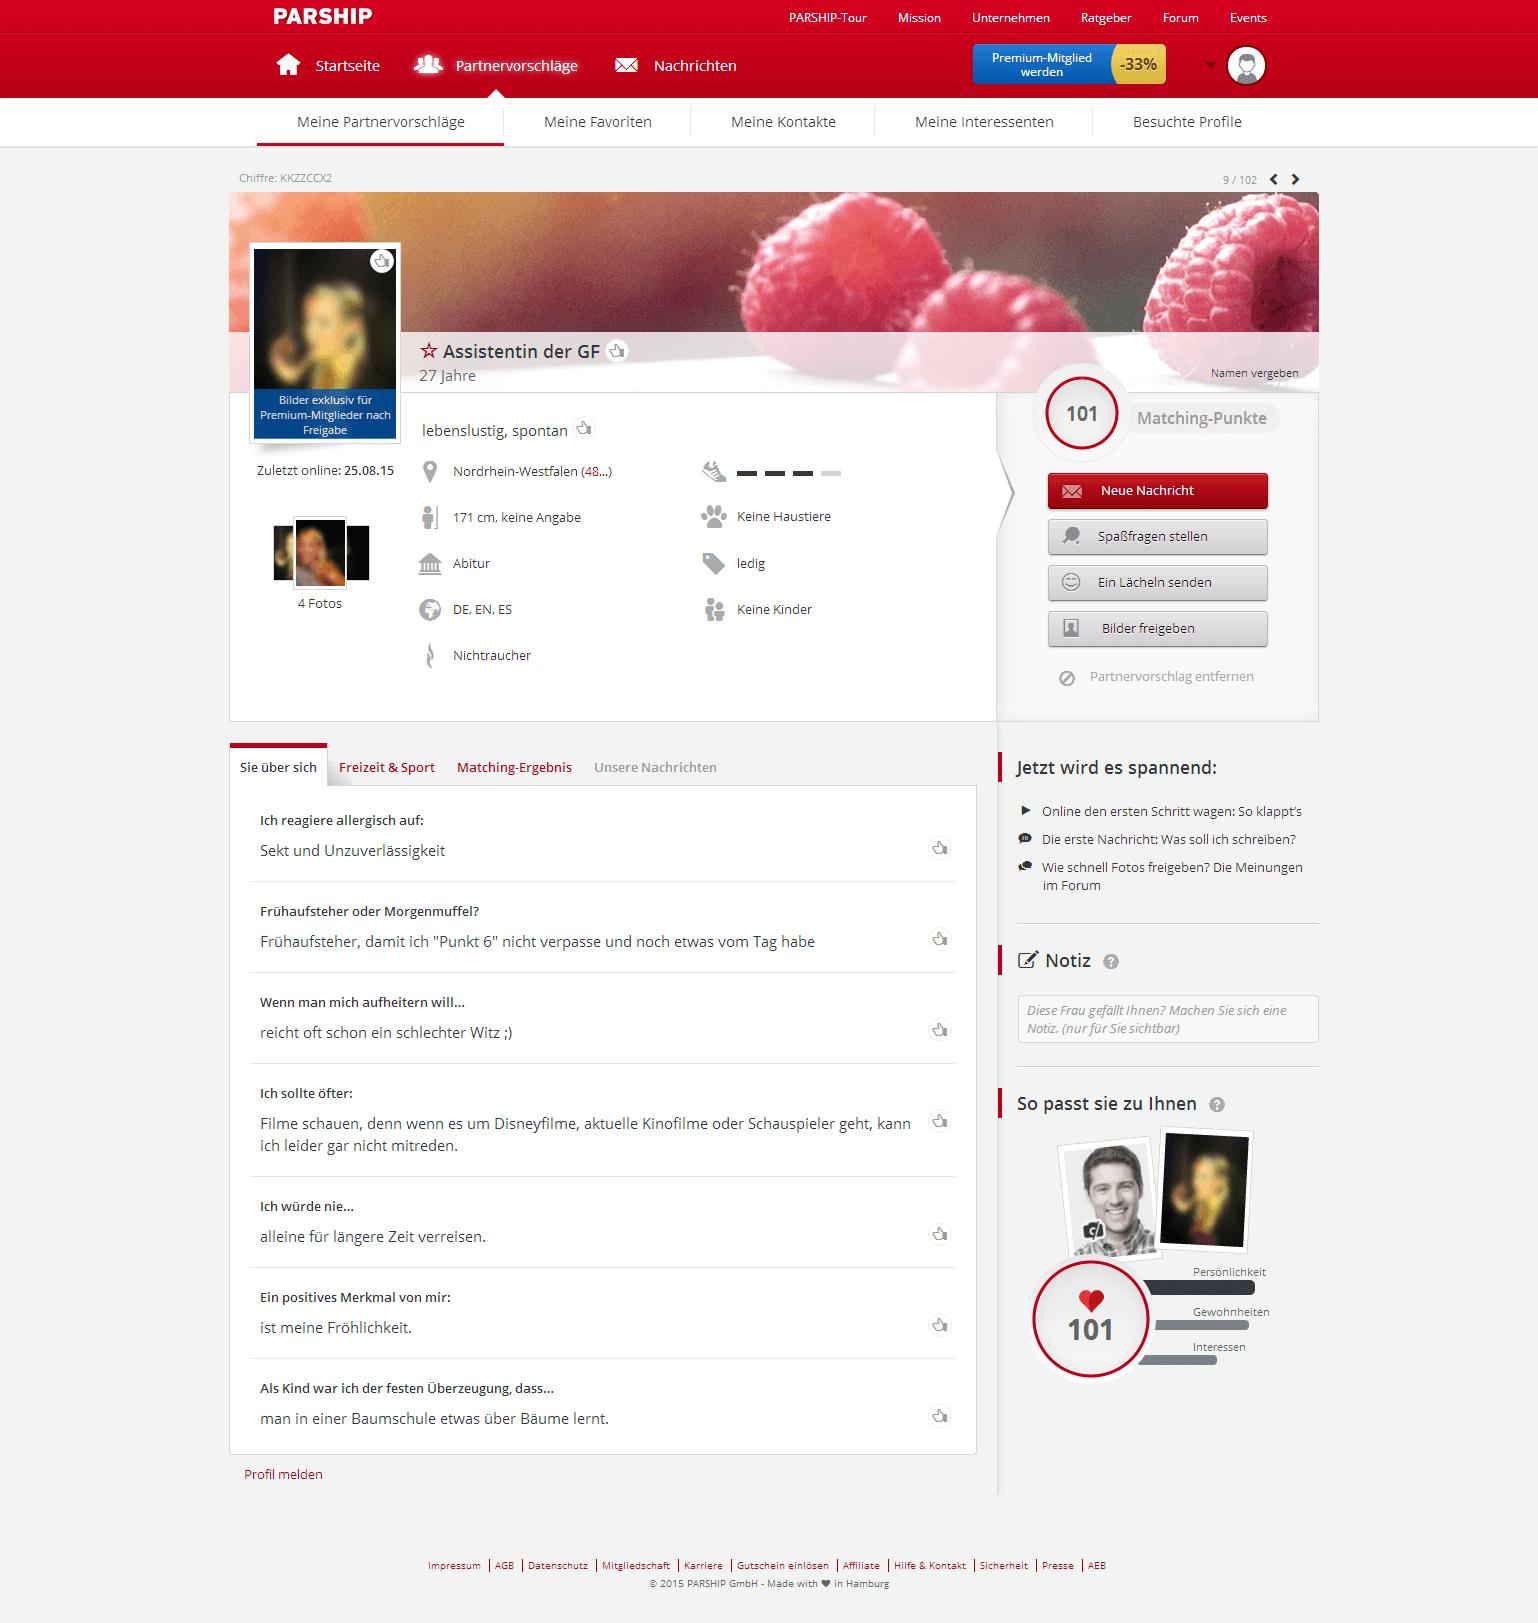 Parship Profil Löschen